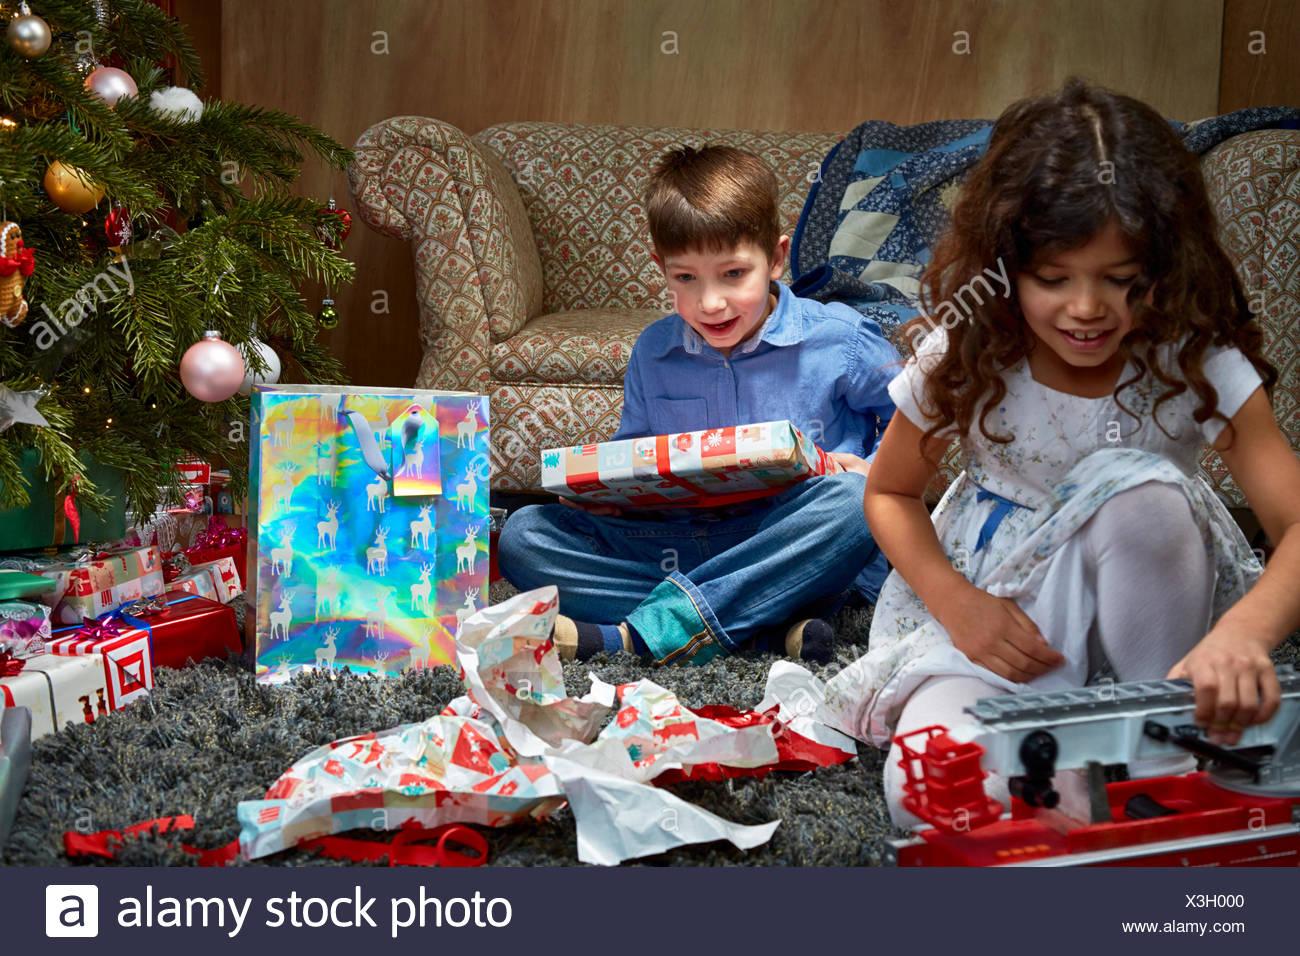 Schwester und Bruder im Wohnzimmer Auspacken und spielen mit ...